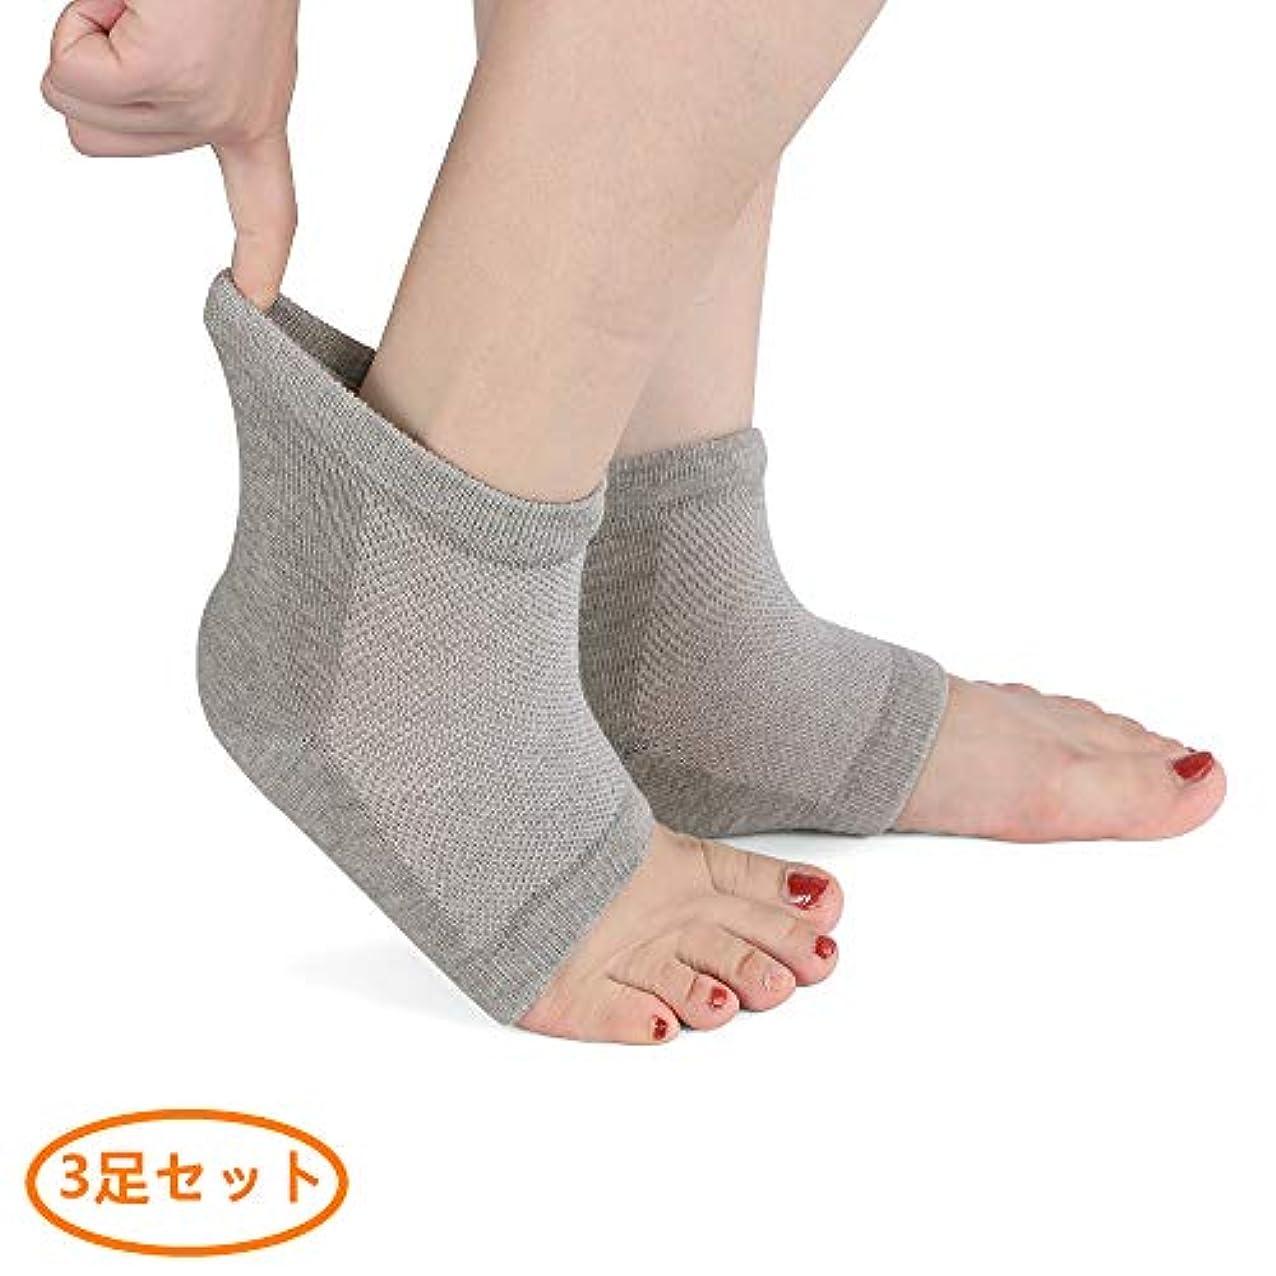 戦術冷蔵する水没YUANSHOP1 かかとケア ソックス 3足セット かかと靴下 レディース メンズ ひび割れケア/角質除去/保湿/美容 足SPA 足ケア フリーサイズ (グレー)